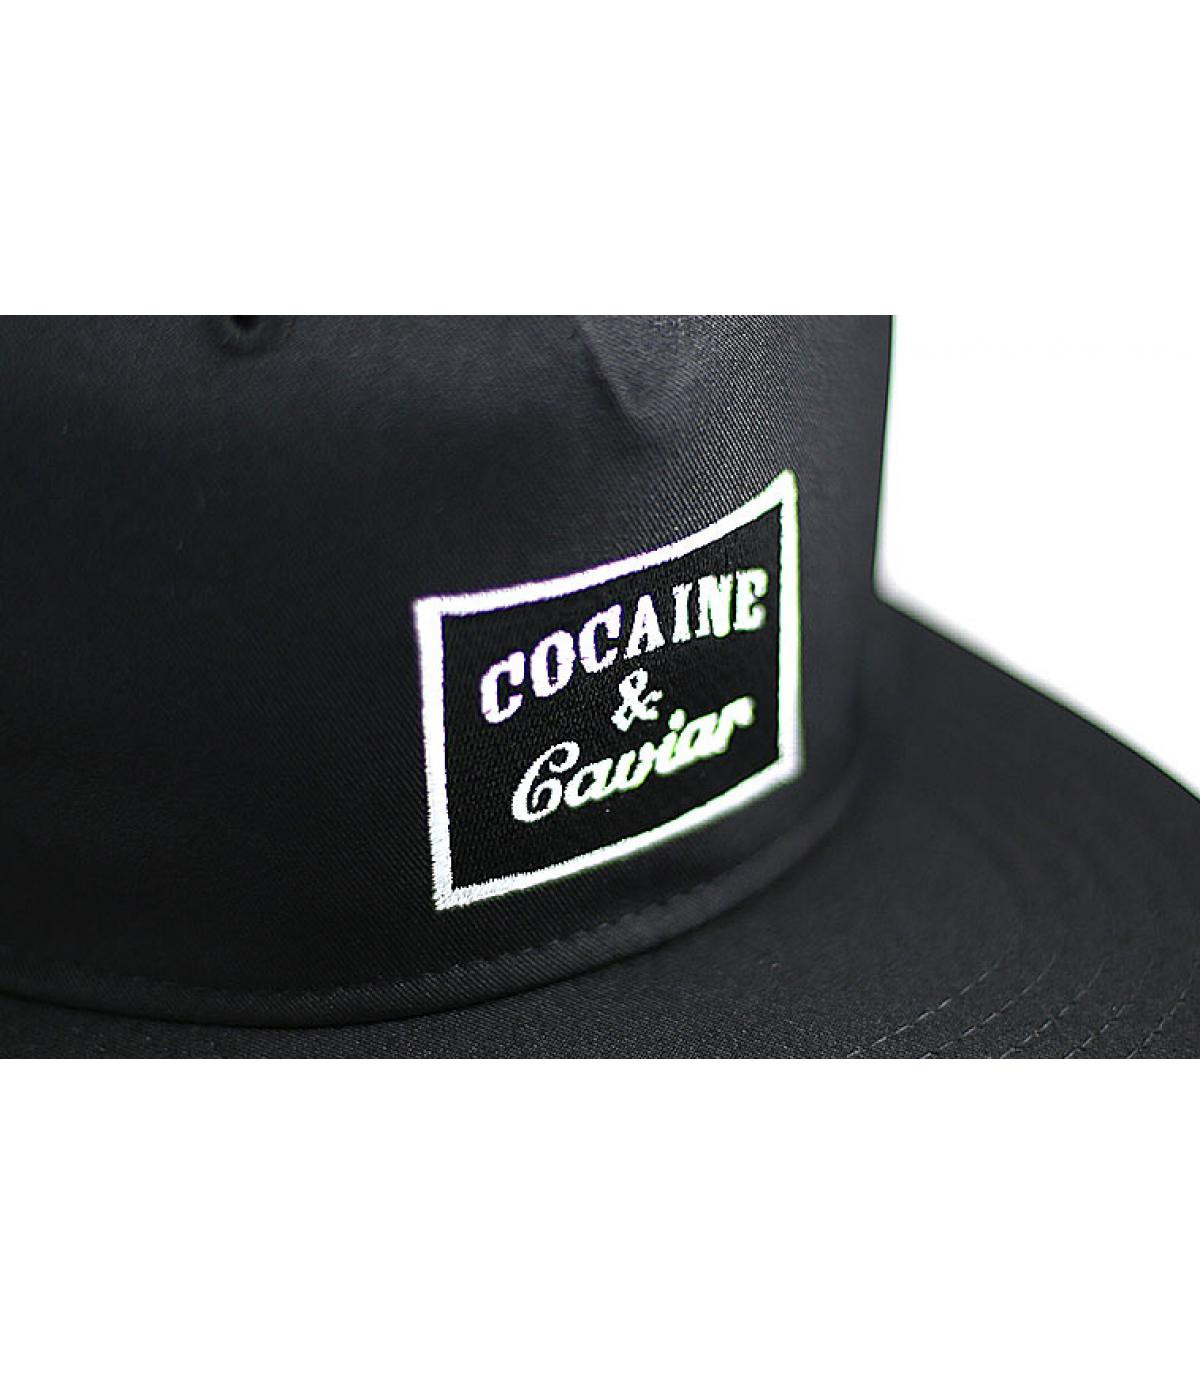 Détails Snapback Cocaine & Caviar black - image 4